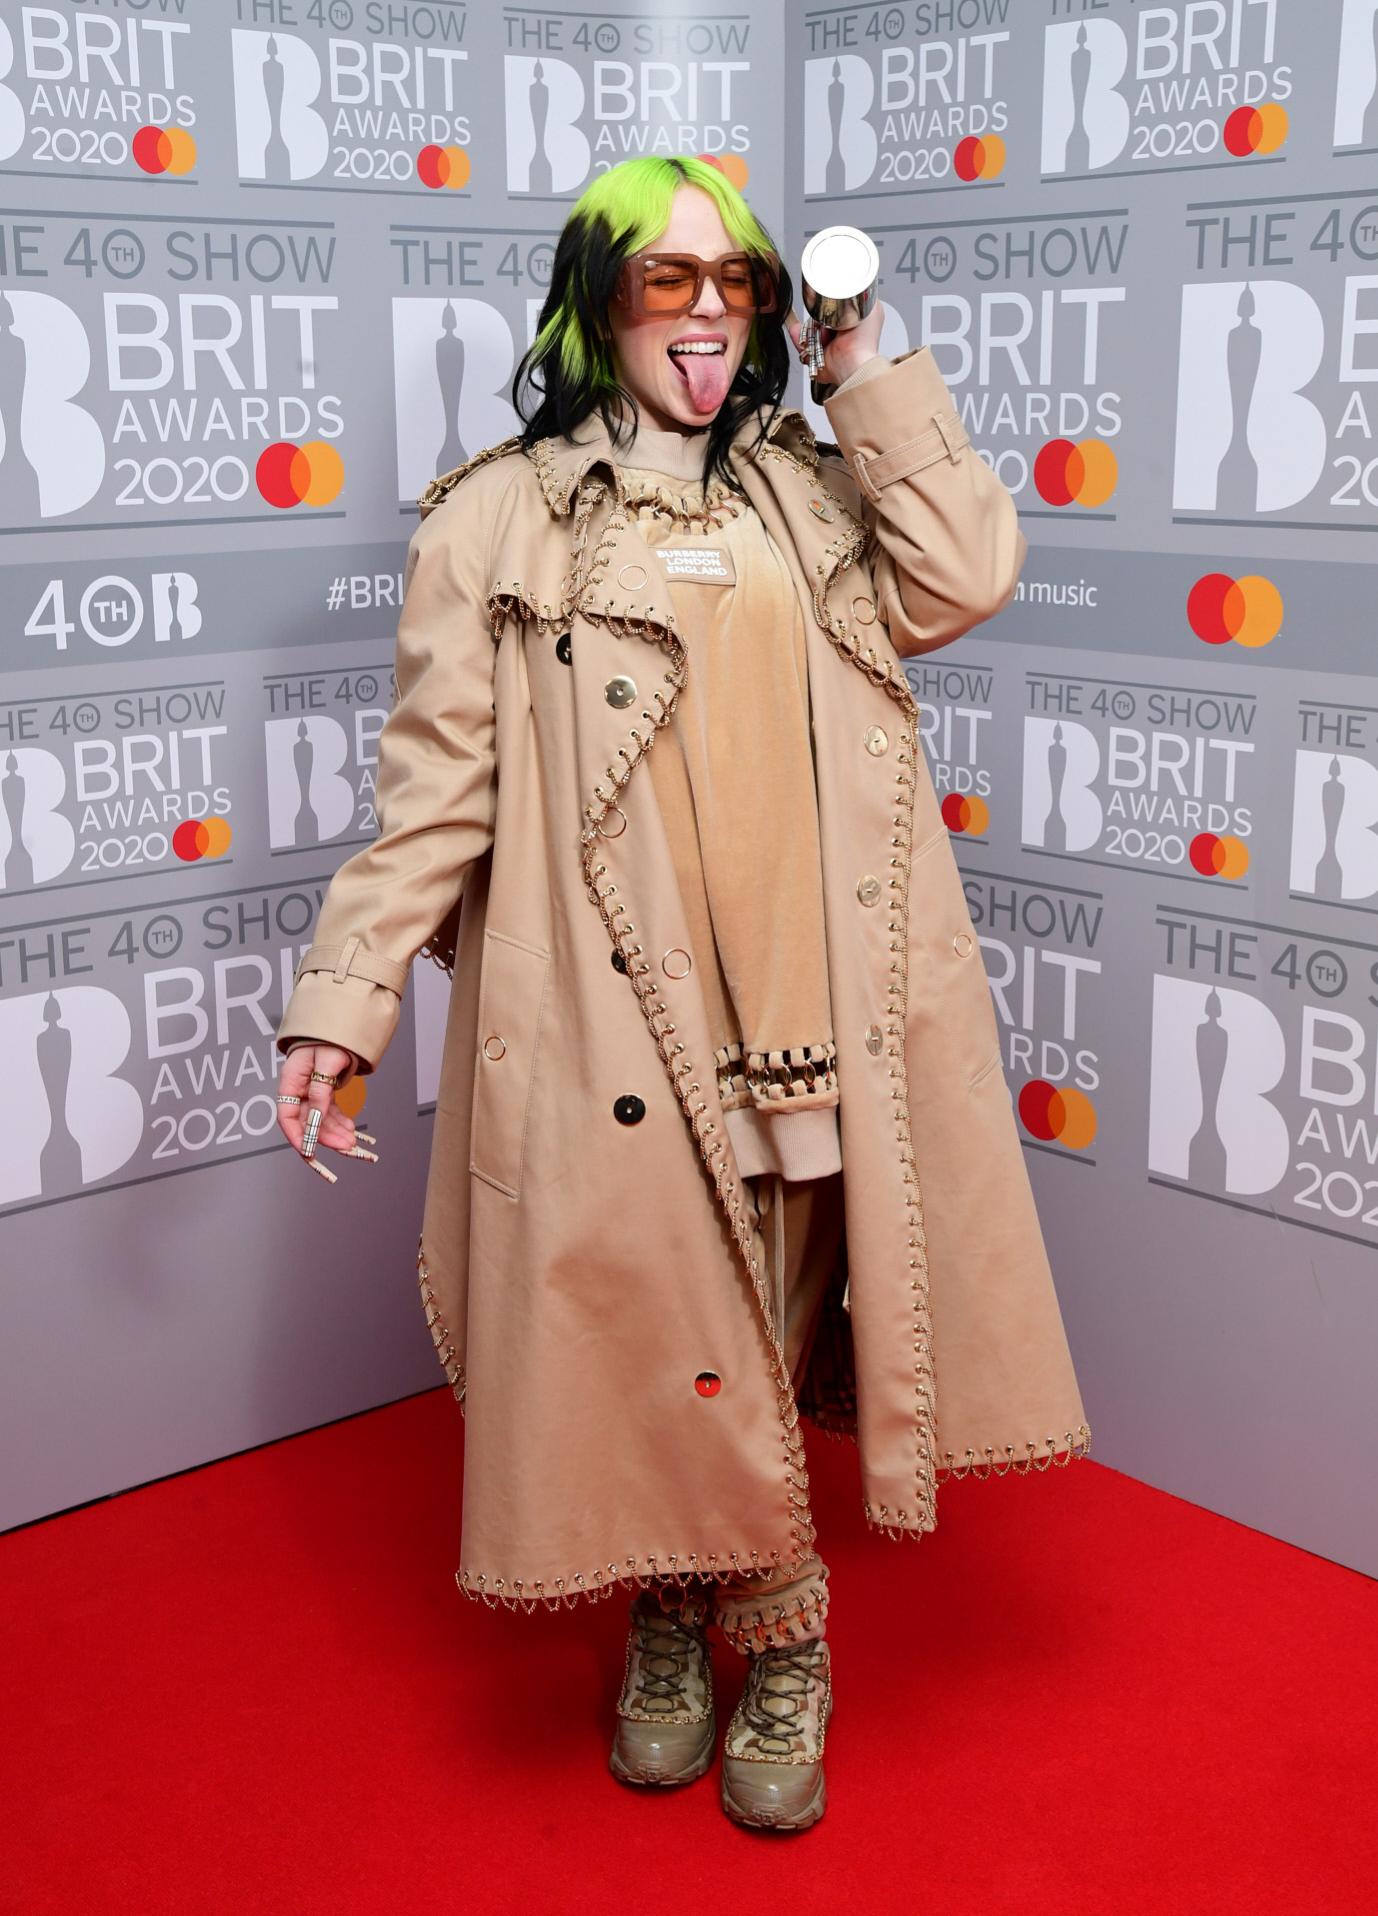 La artista Billie Eilish con el Brit Award Por mejor Artista Femenina Internacional en los premios Brit Awards, en febrero de 2020.